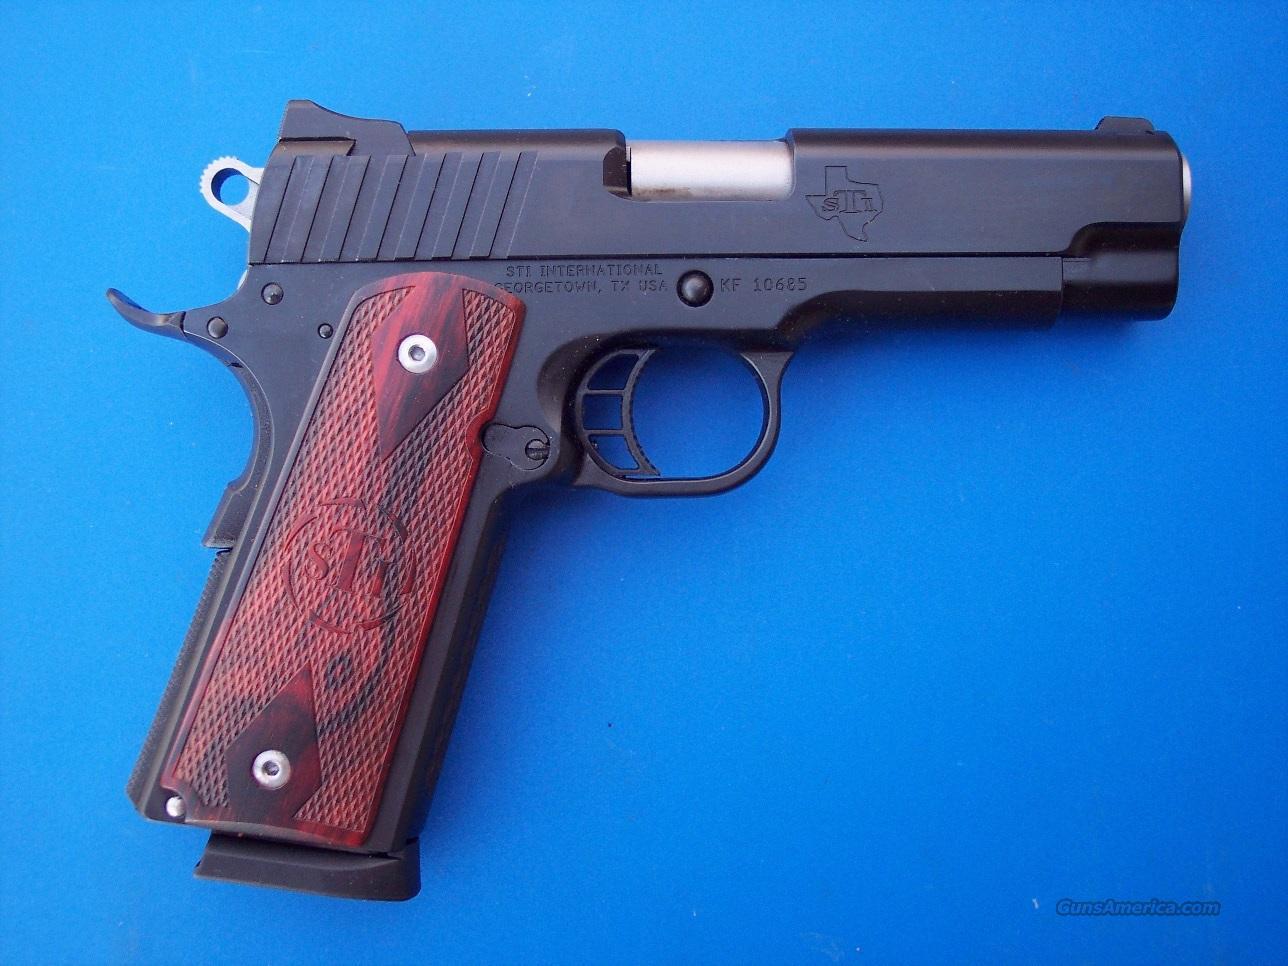 STI Ranger II 9mm 1911 Commander *NEW* For Sale